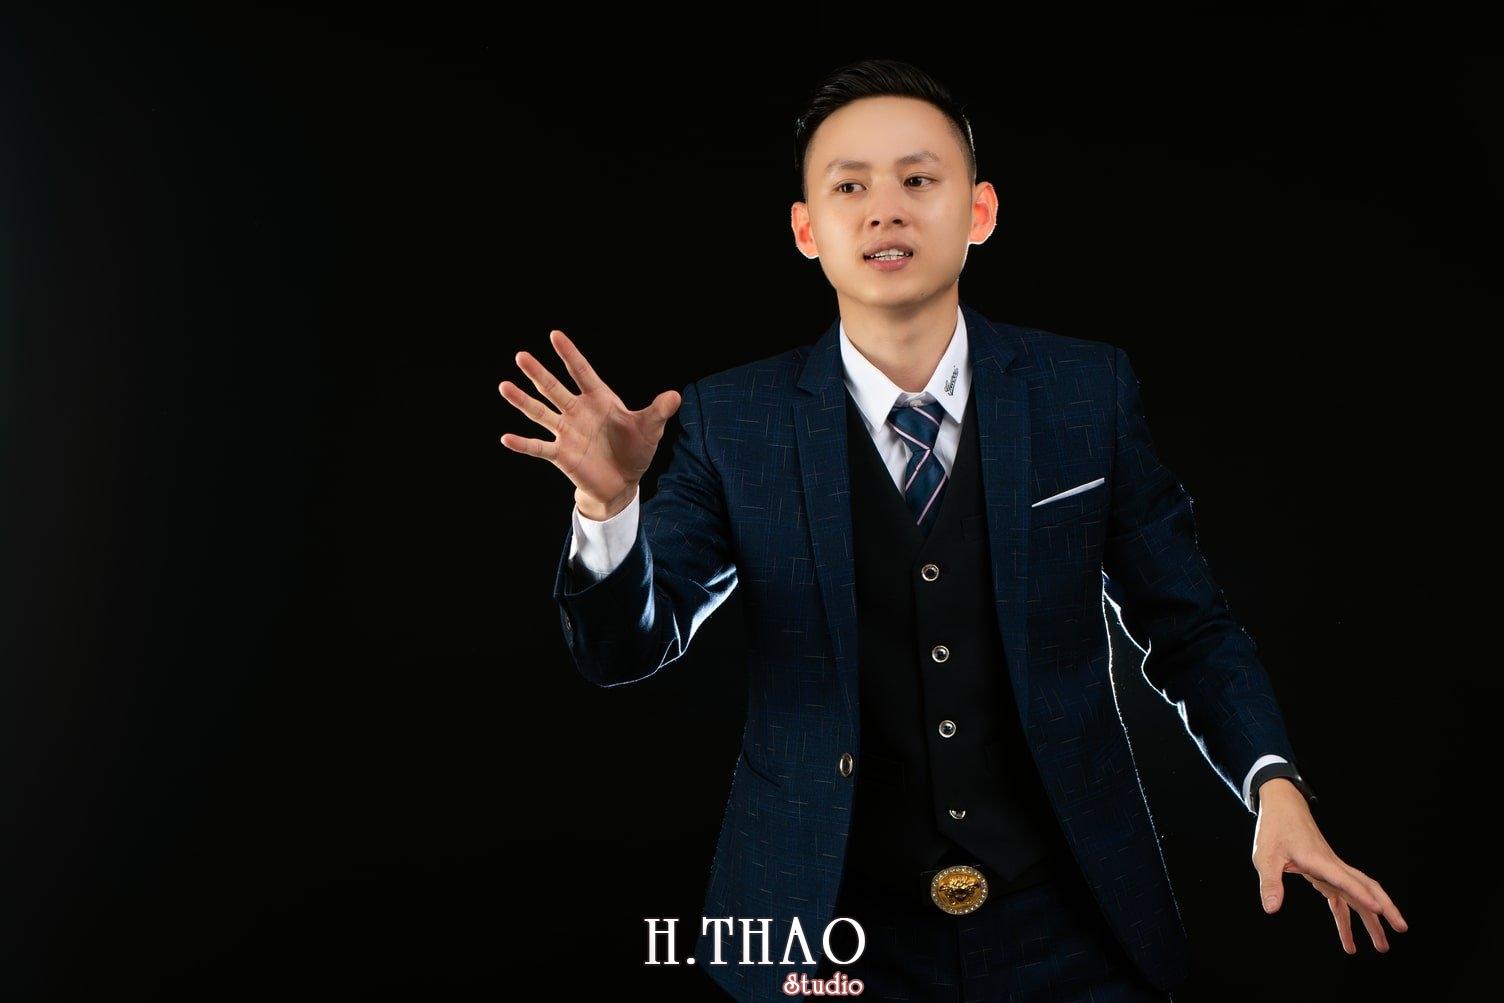 Anh Doanh nhan 2 1 - Tổng hợp album ảnh profile bác sĩ, luật sư, tài chính – HThao Studio